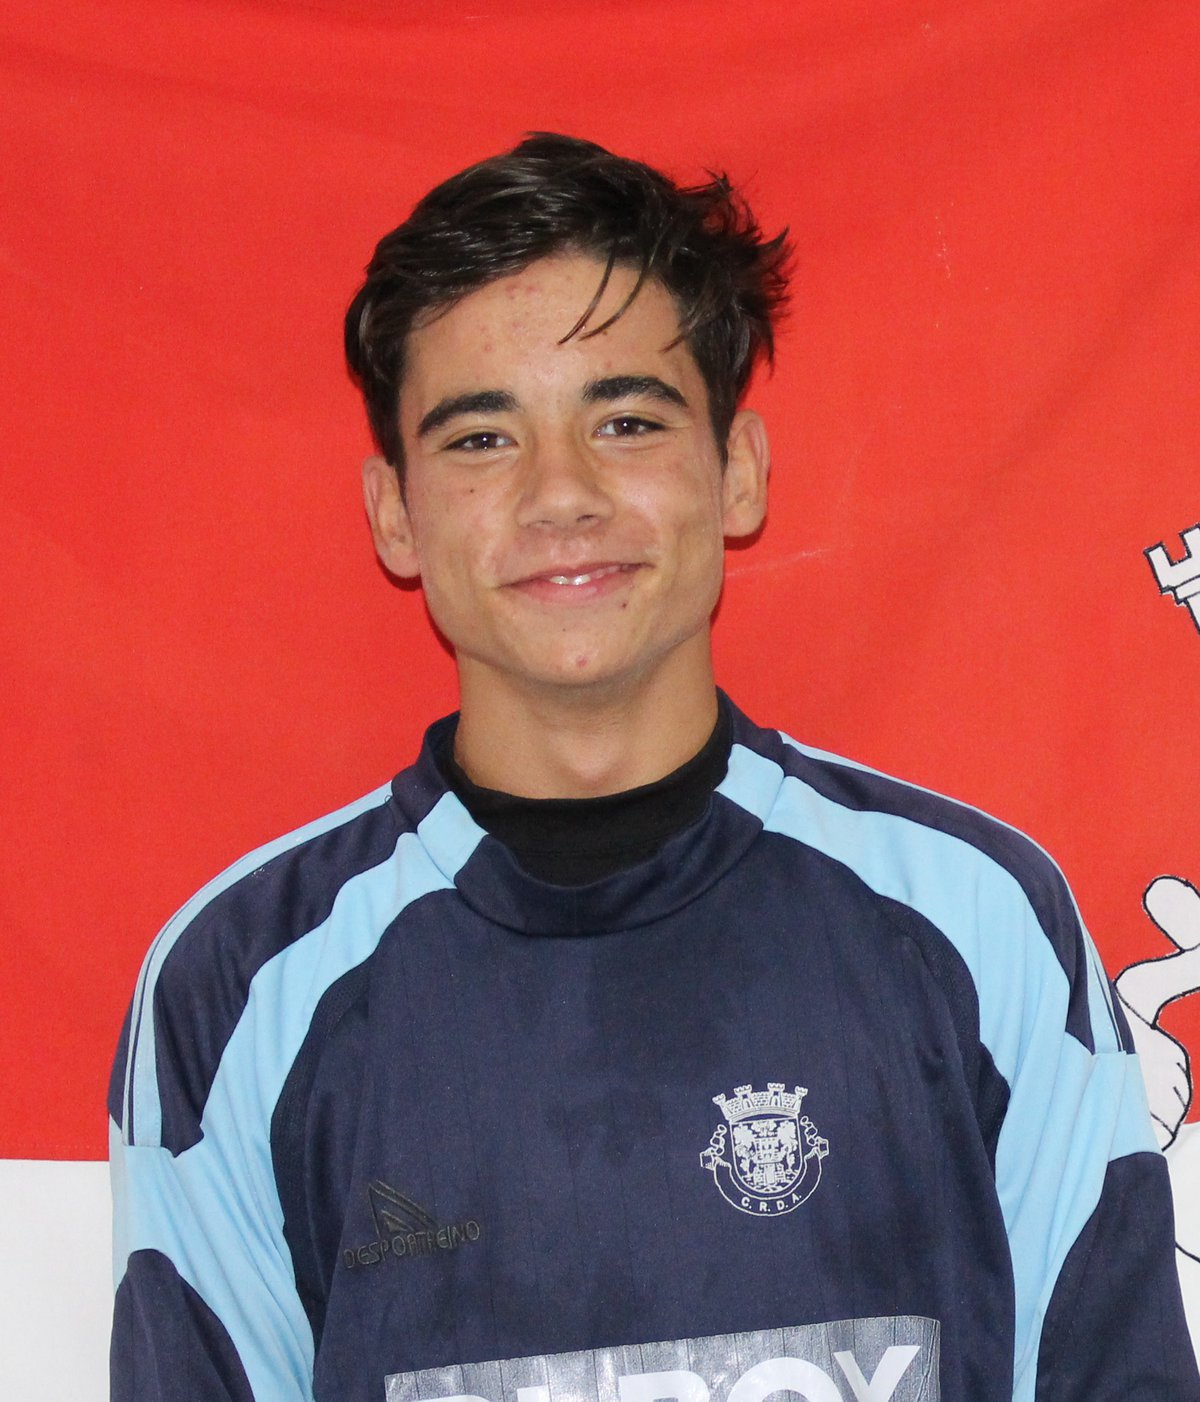 Goncalo Morais